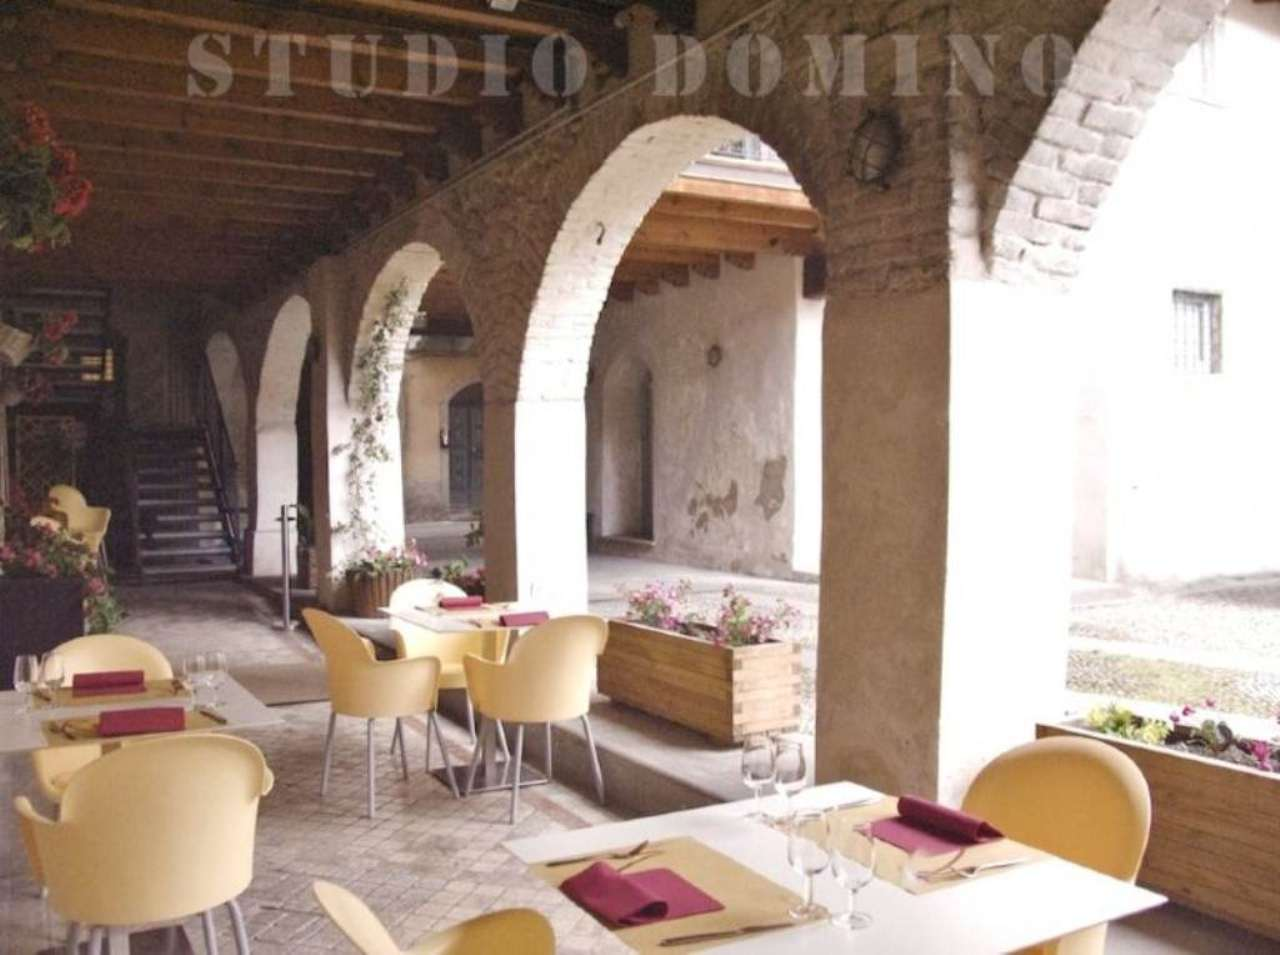 Ristorante / Pizzeria / Trattoria in affitto a Palazzolo sull'Oglio, 3 locali, Trattative riservate | Cambio Casa.it